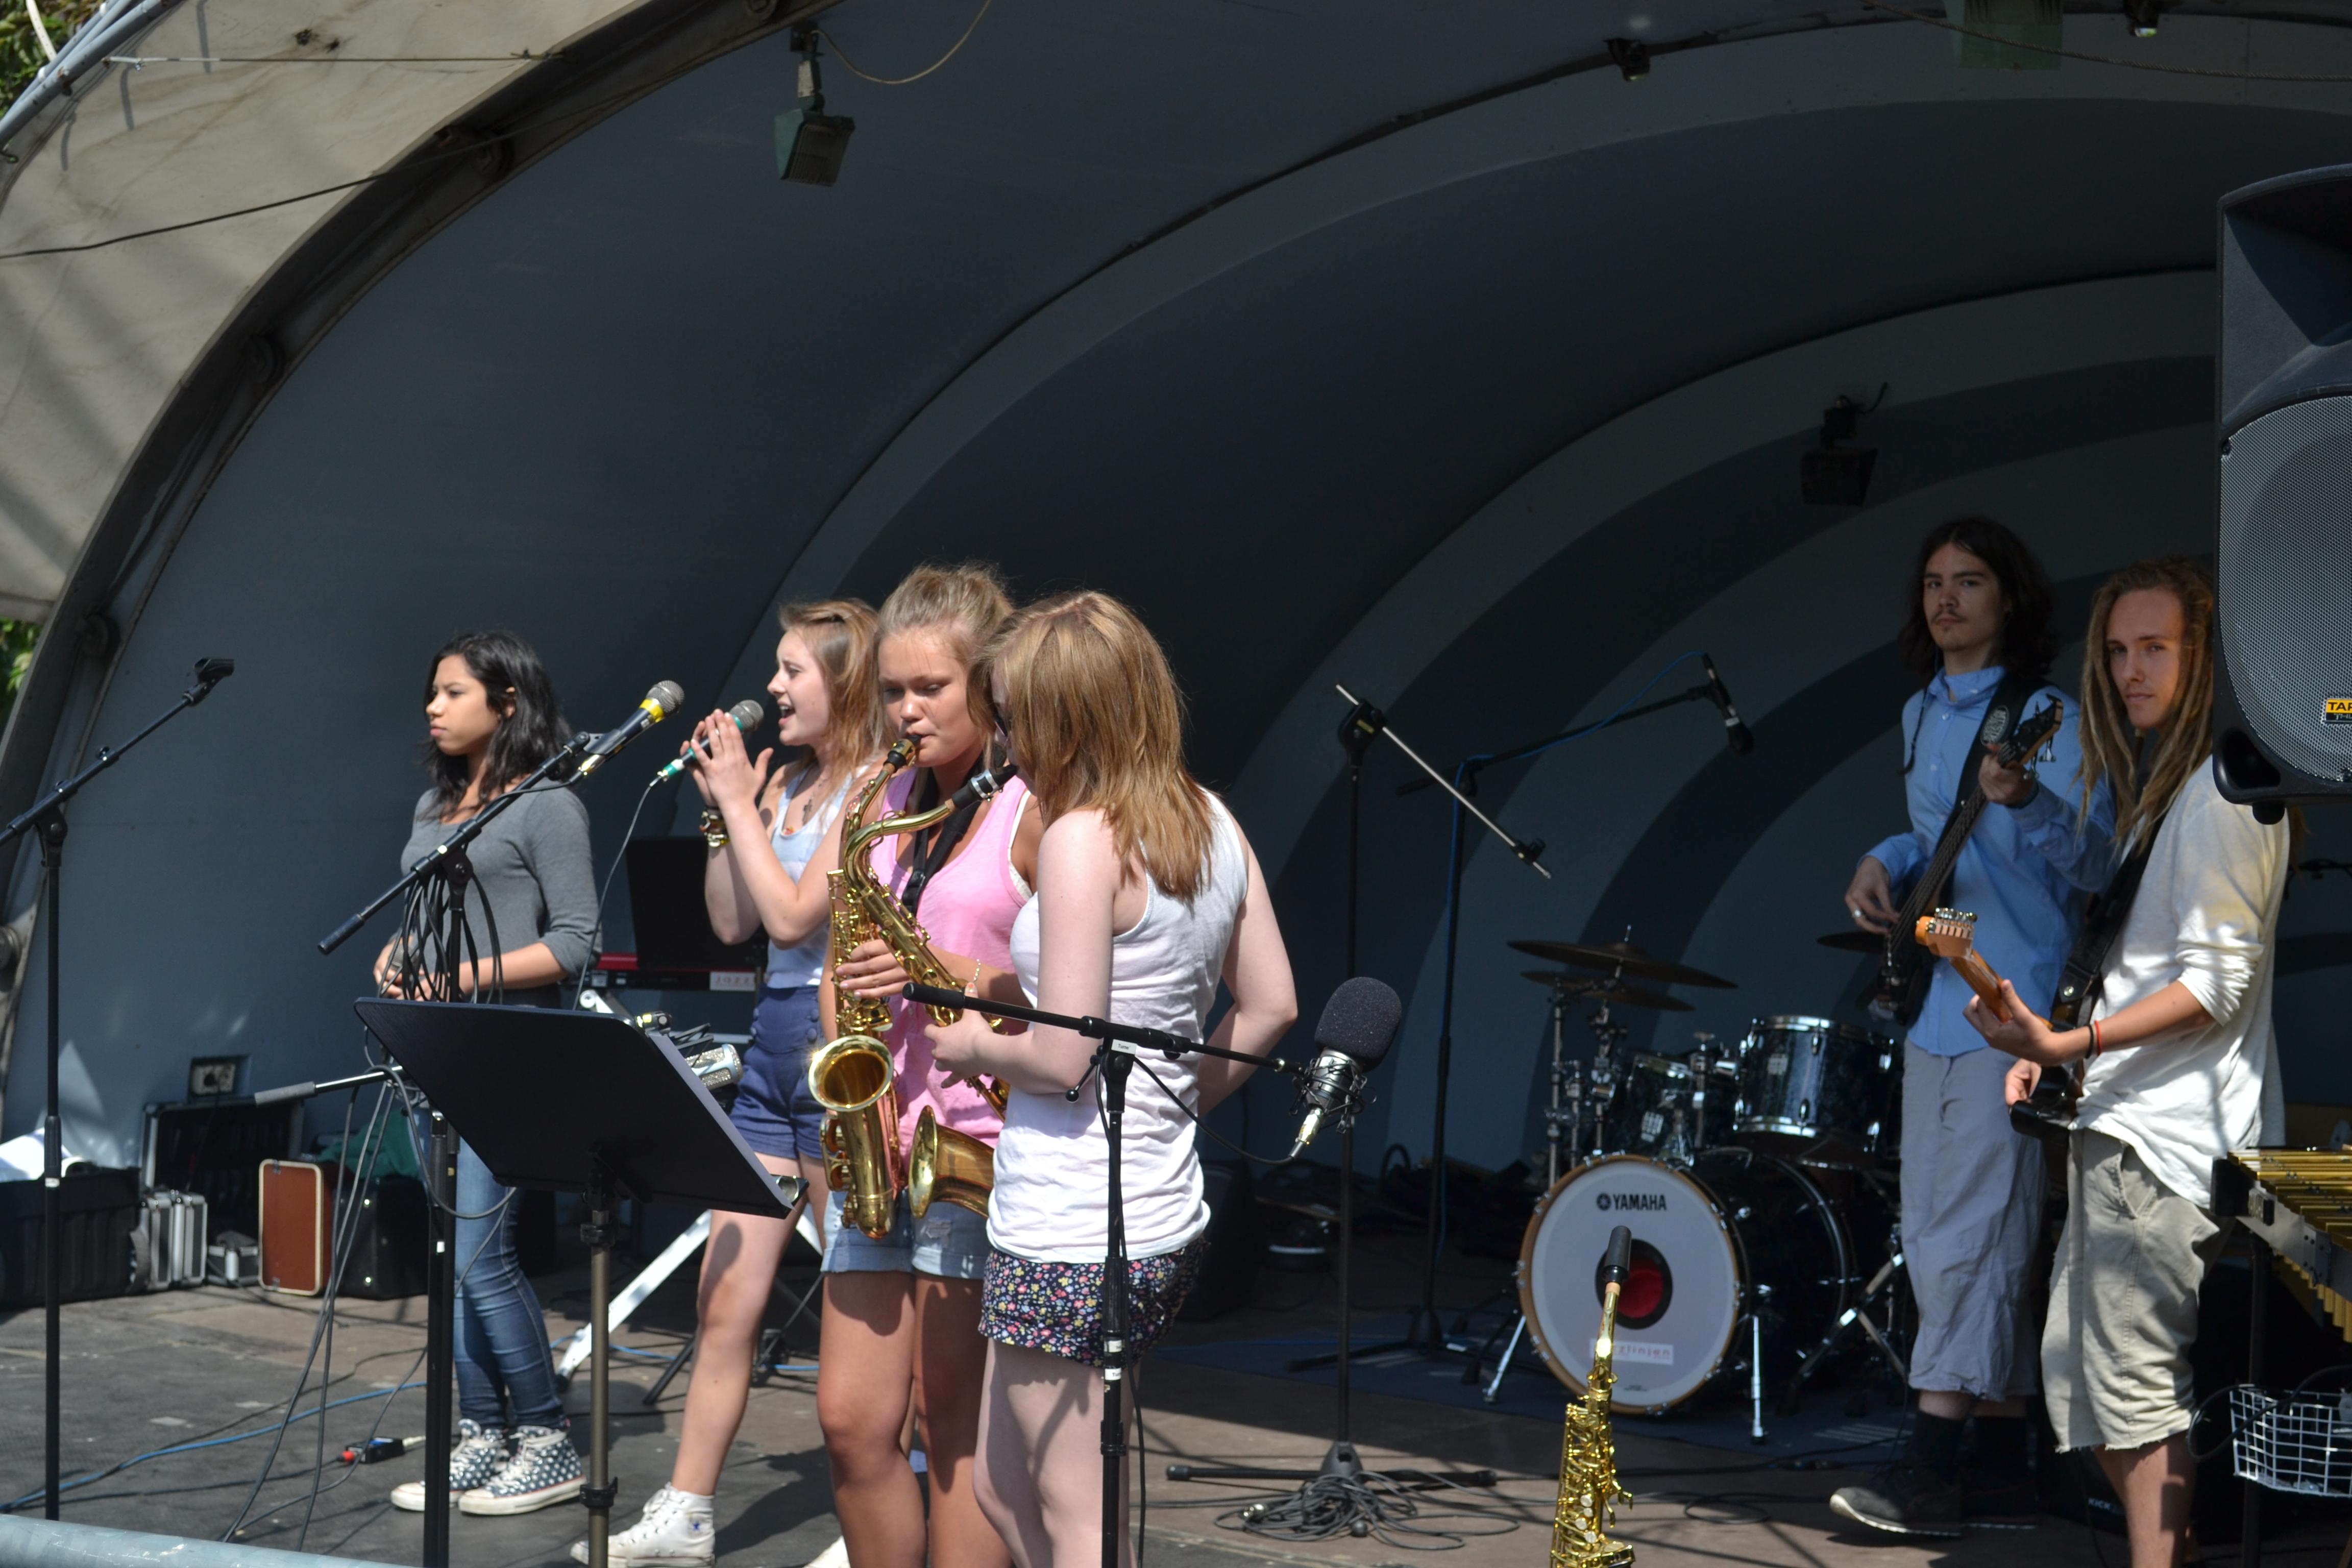 Jazzgymnasiet underhöll de väntande anhöriga i en hel timme med mycket blandad och väl framförd musik